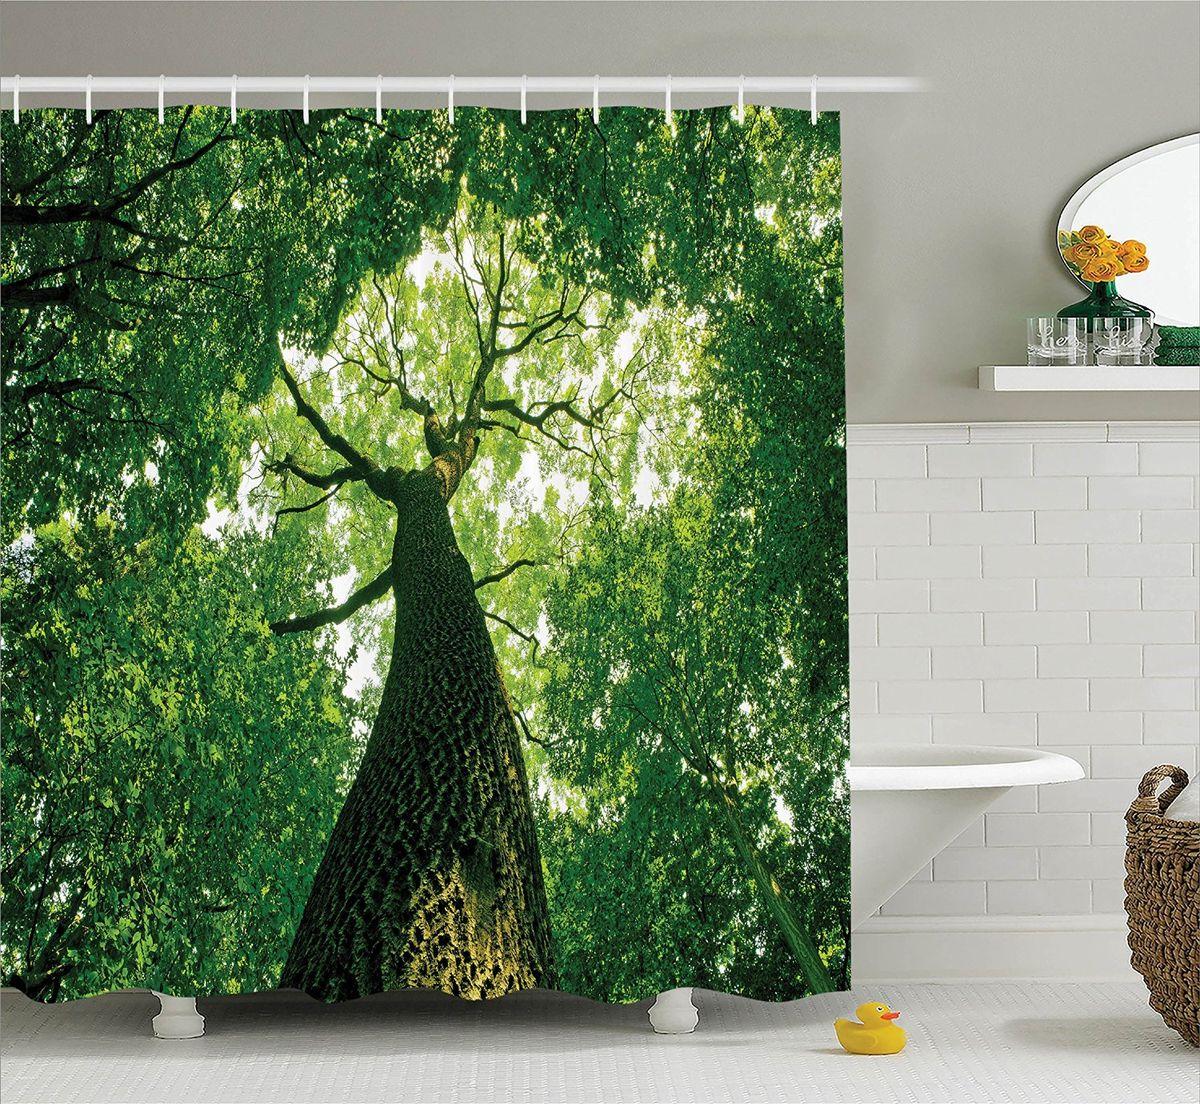 Штора для ванной комнаты Magic Lady Высокое дерево, 180 х 200 смшв_15215Штора Magic Lady Высокое дерево, изготовленная из высококачественного сатена (полиэстер 100%), отлично дополнит любой интерьер ванной комнаты. При изготовлении используются специальные гипоаллергенные чернила для прямой печати по ткани, безопасные для человека. В комплекте: 1 штора, 12 крючков. Обращаем ваше внимание, фактический цвет изделия может незначительно отличаться от представленного на фото.